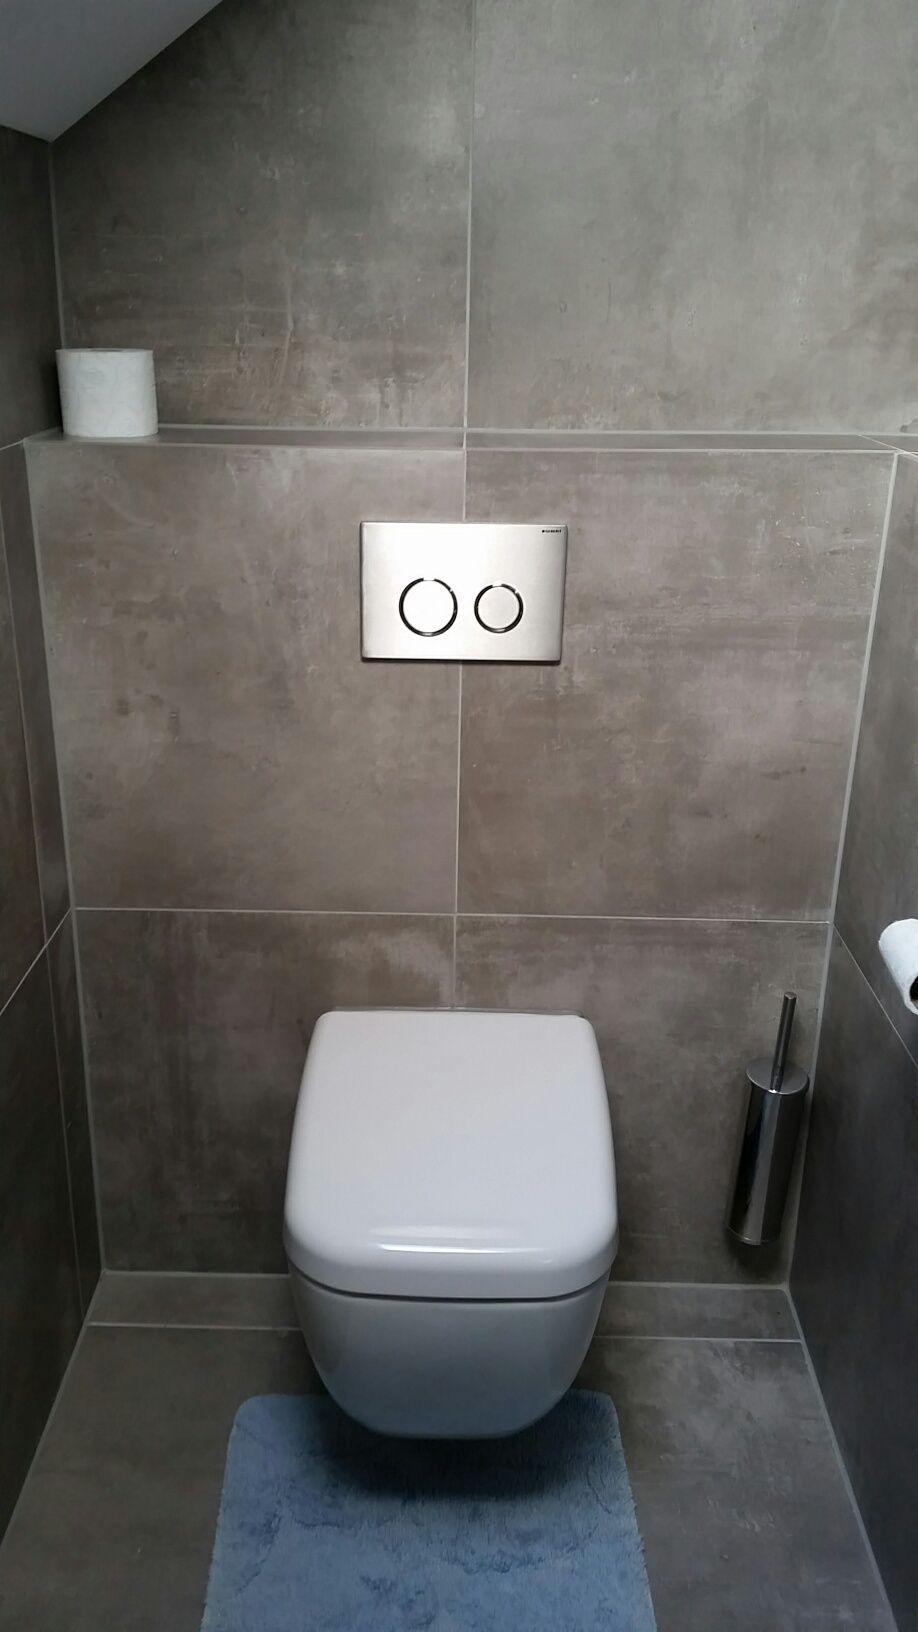 Betonlook tegels van 60x60cm zijn op zowel wand als vloer toegepast ideeen voor in huis - Tegel model voor wc ...